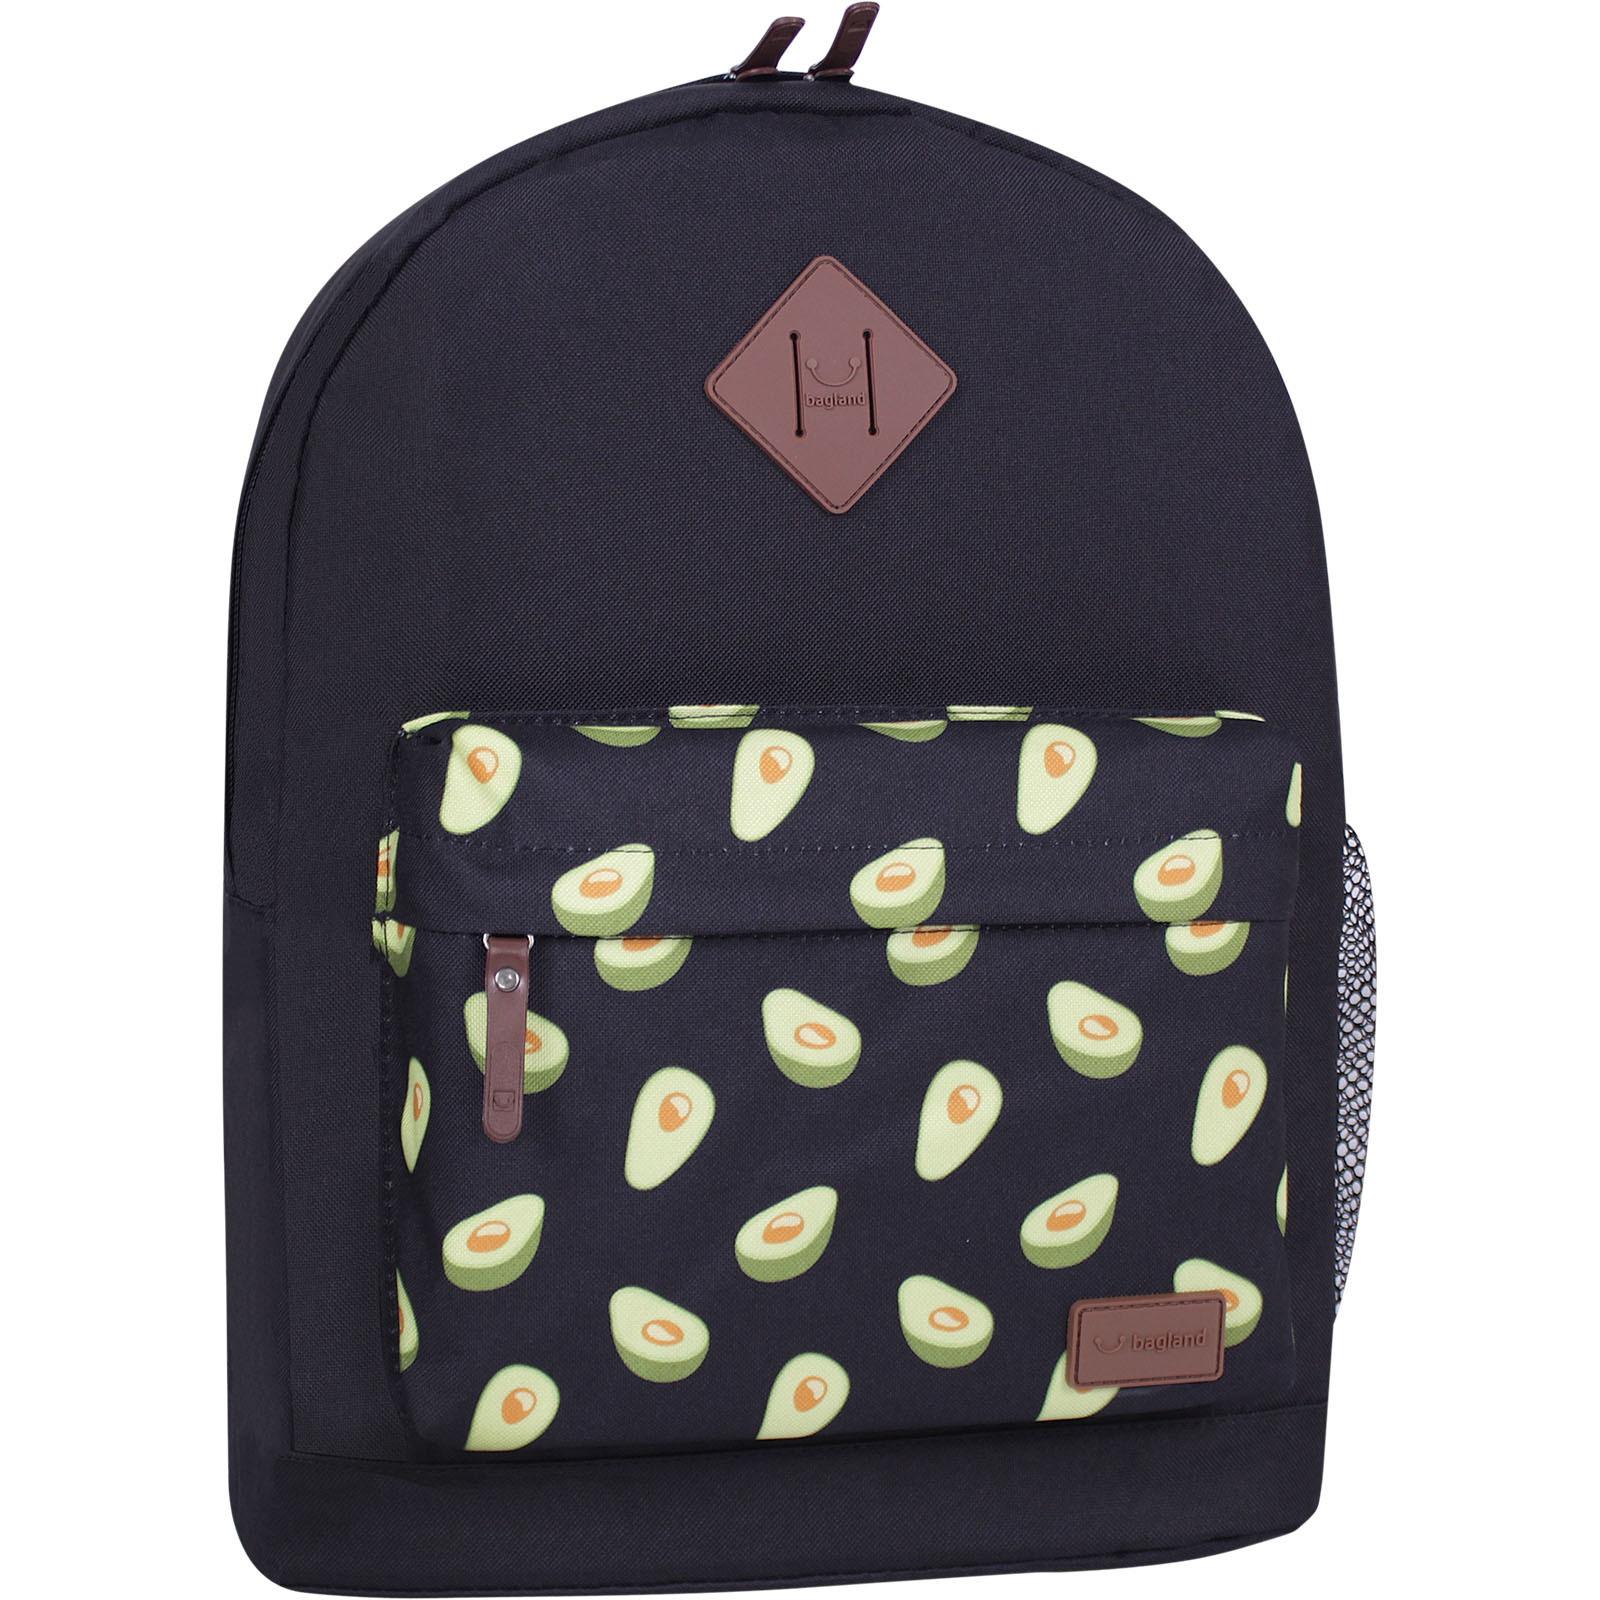 Молодежные рюкзаки Рюкзак Bagland Молодежный W/R 17 л. Чёрный 763 (00533662) IMG_6390_суб.763_-1600.jpg